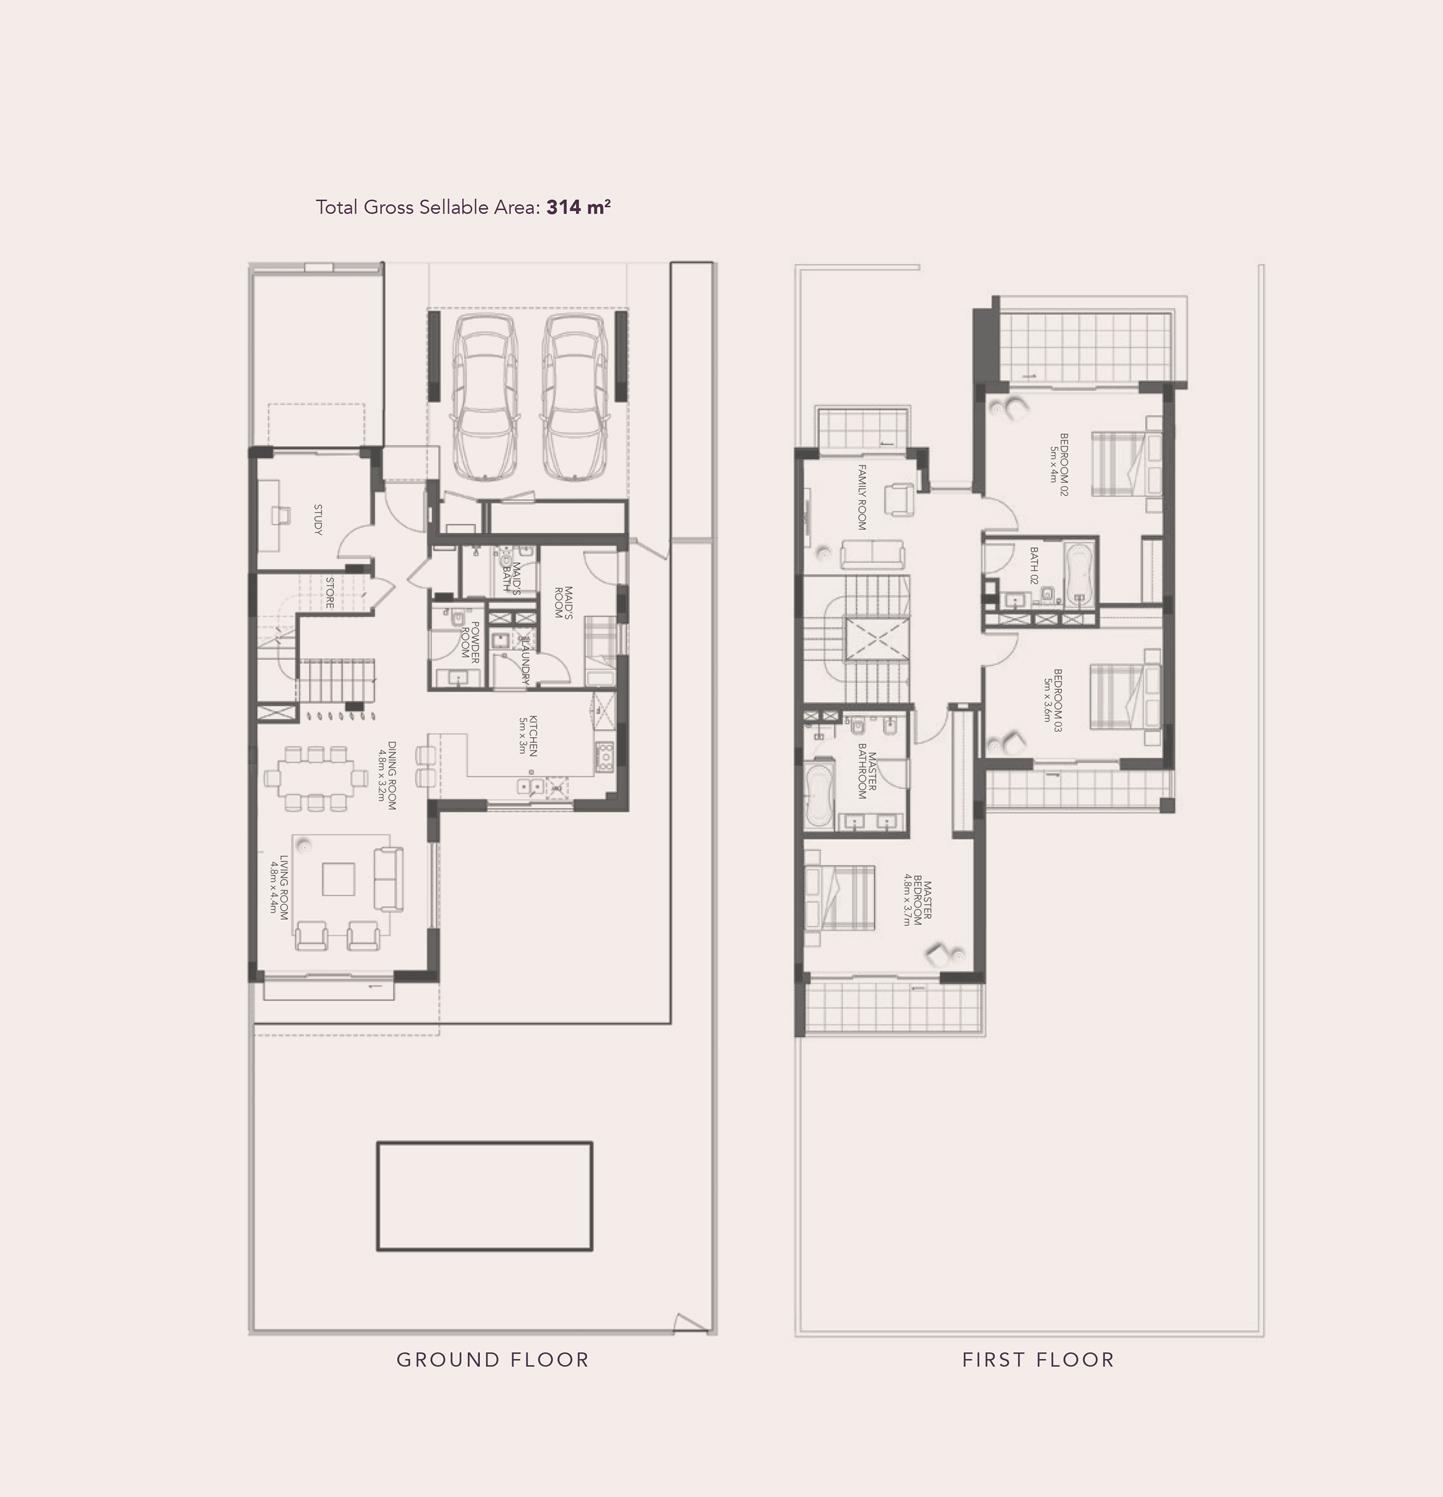 3-bed-Semi-Detach-Villa-Type-B-3Y